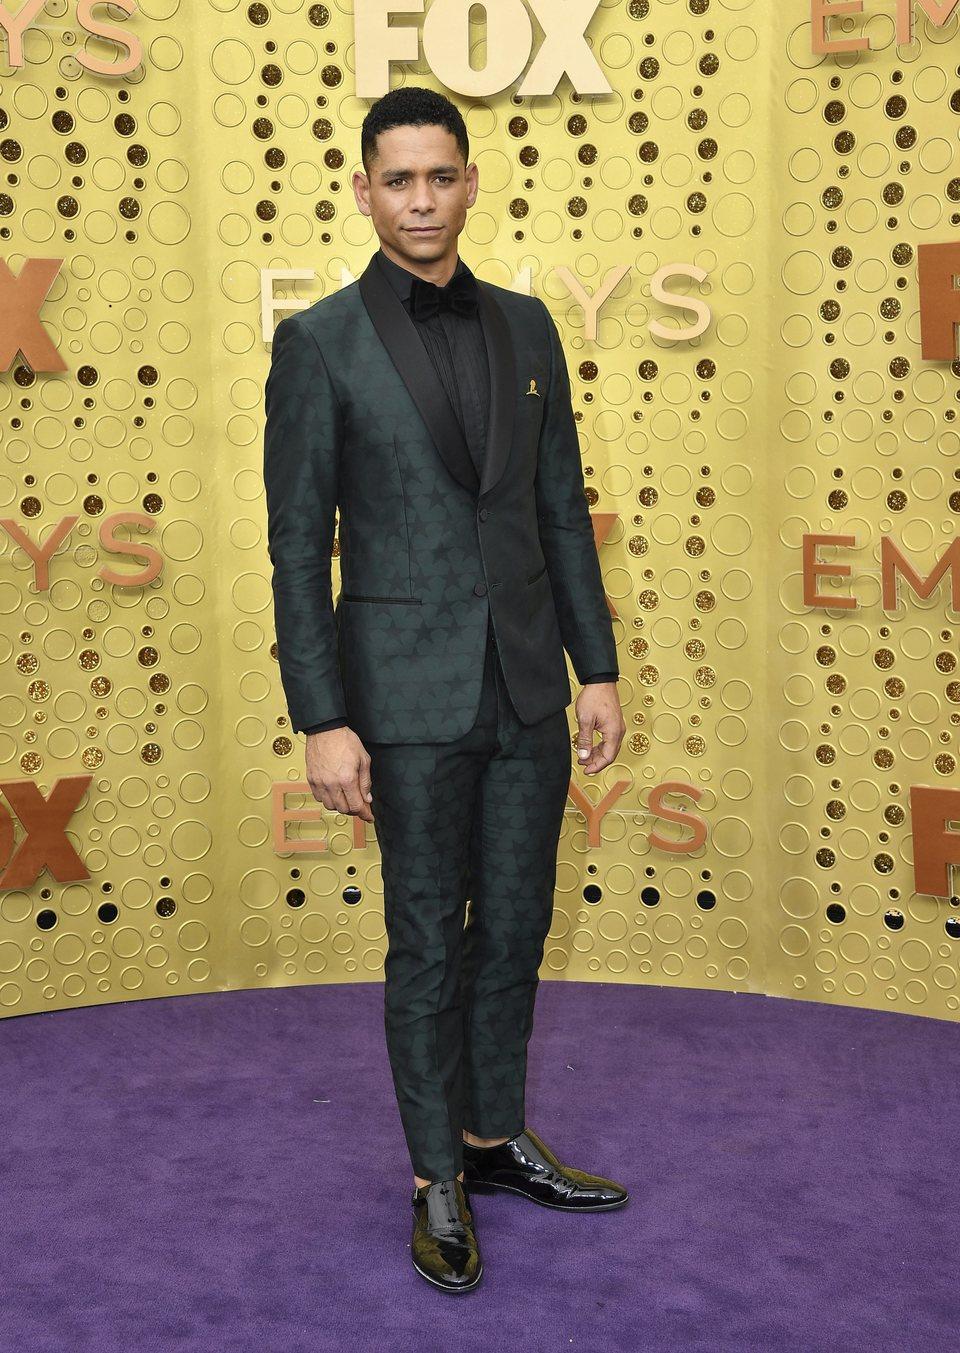 Charlie Barnett arrives at the 71st Primetime Emmy Awards